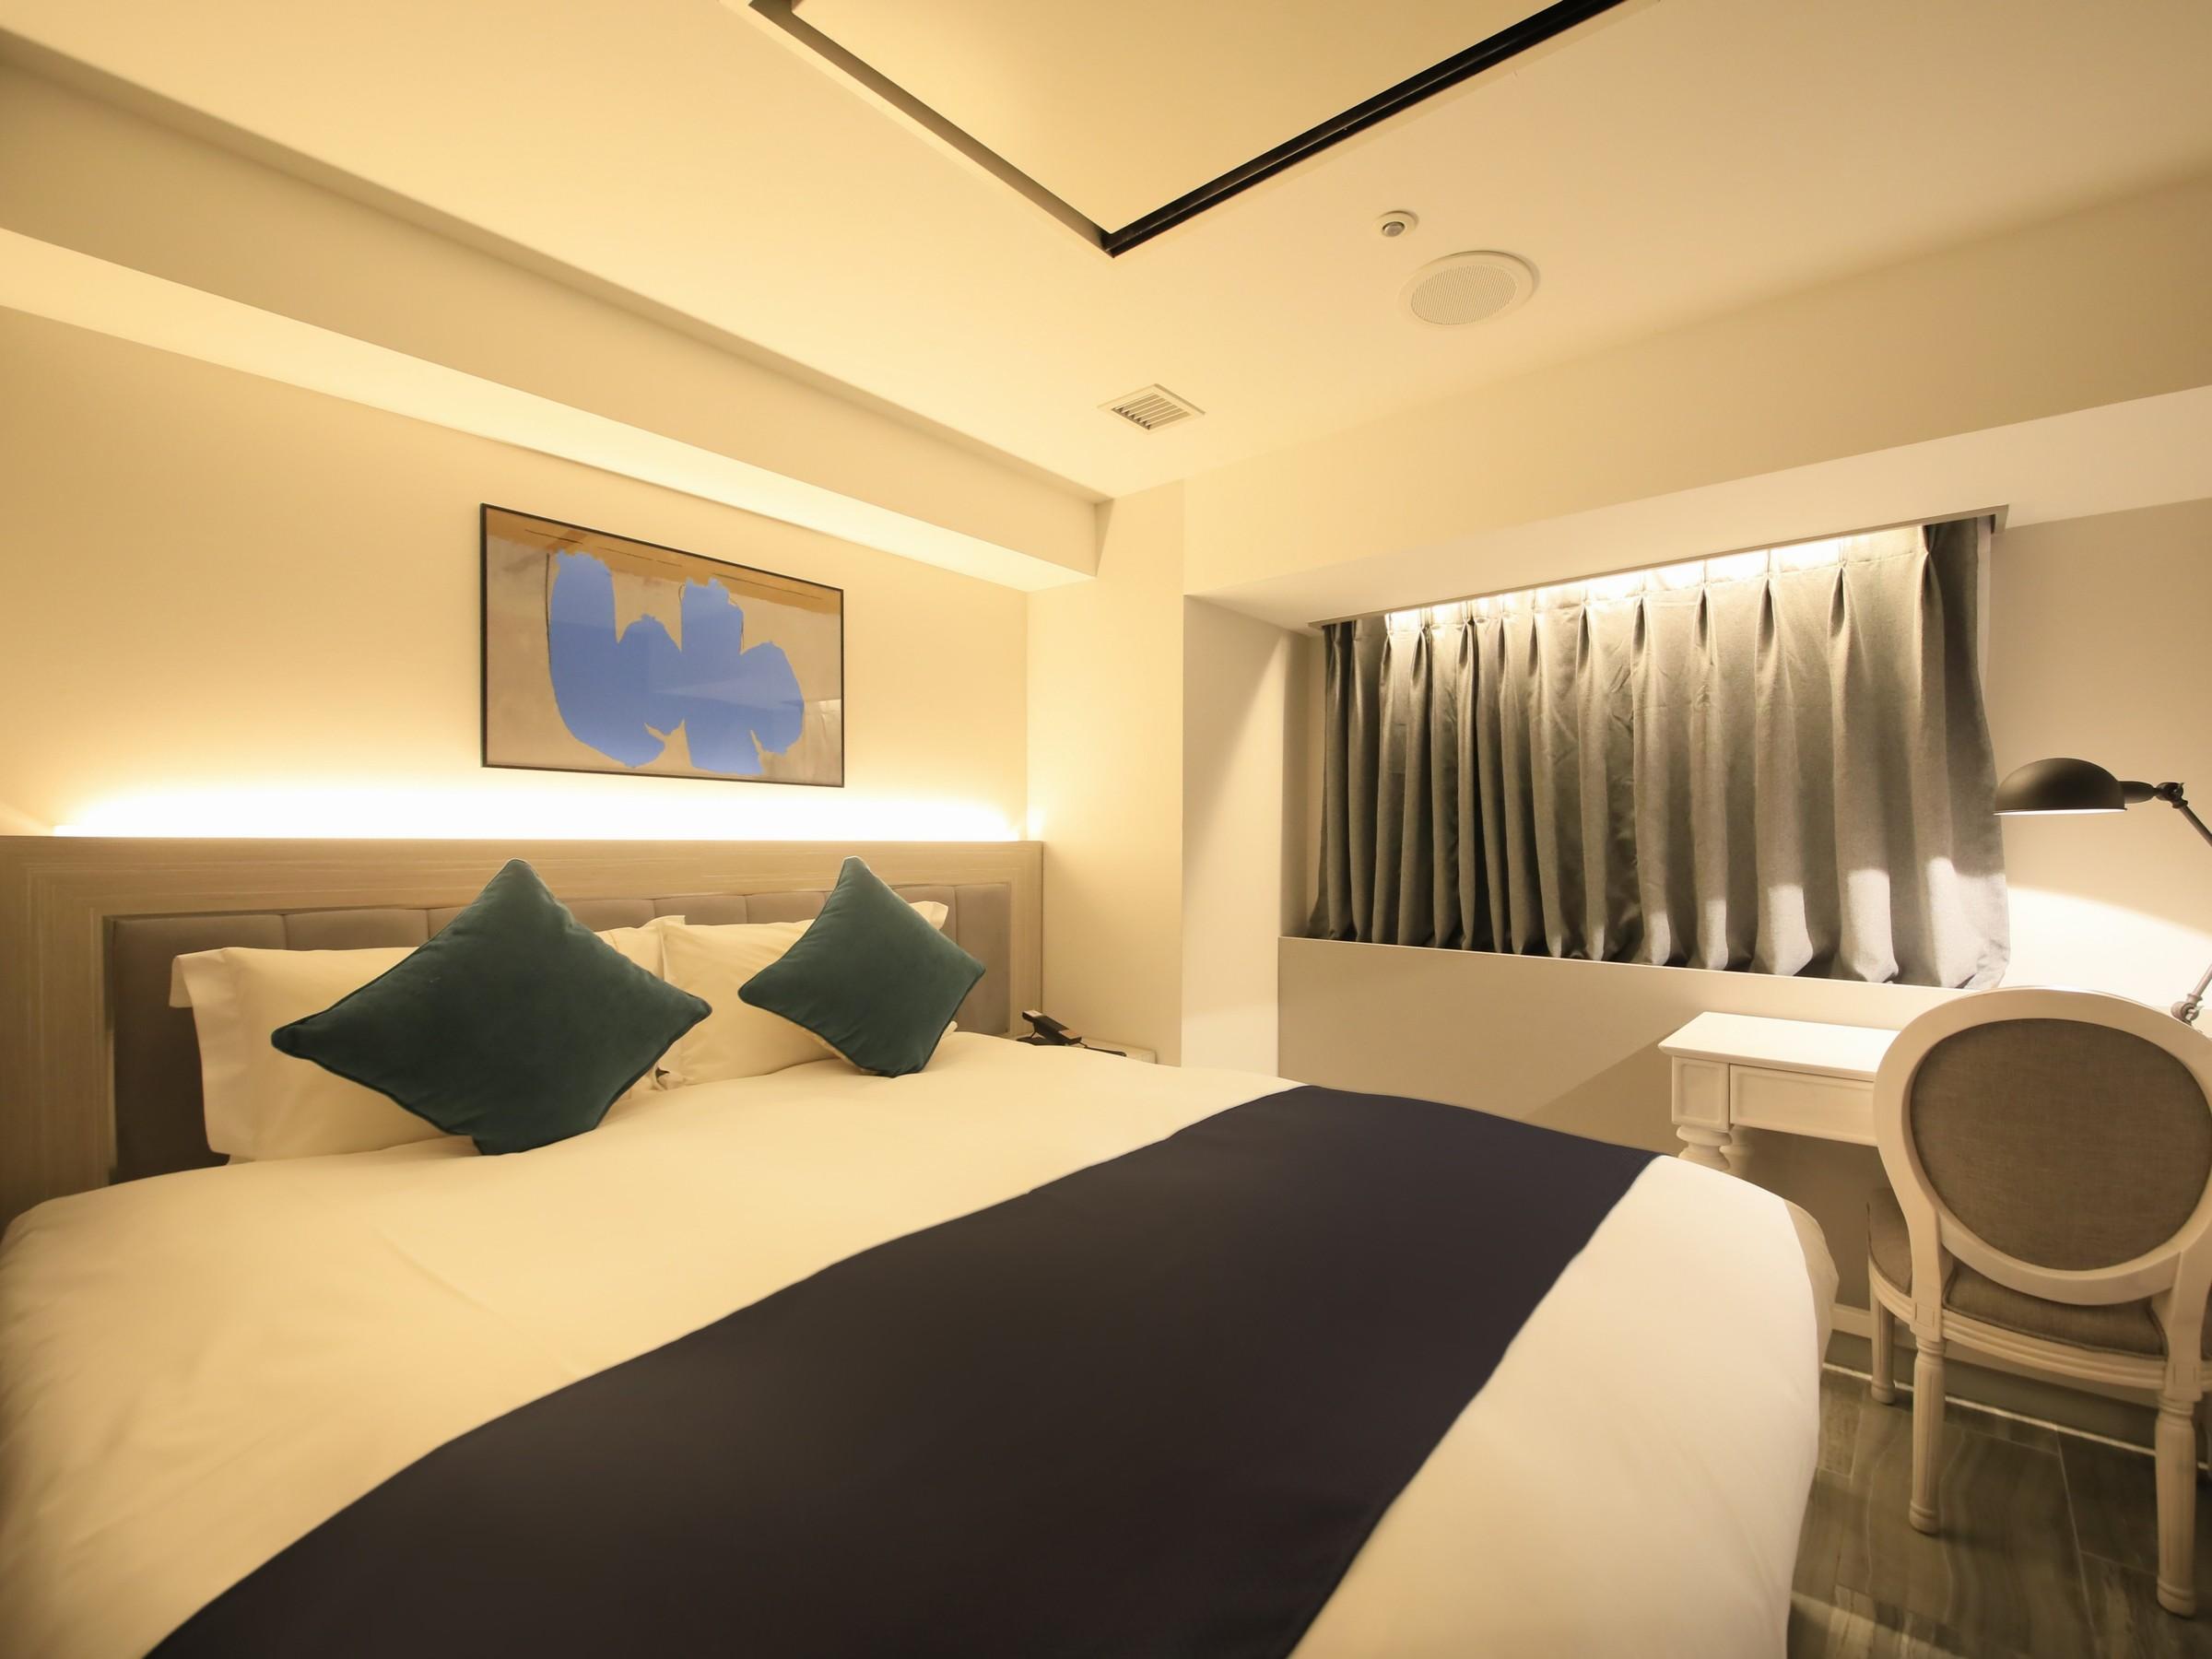 センチュリオンホテル札幌 / ◆全室禁煙◆スタンダードクイーン《1-2名様》